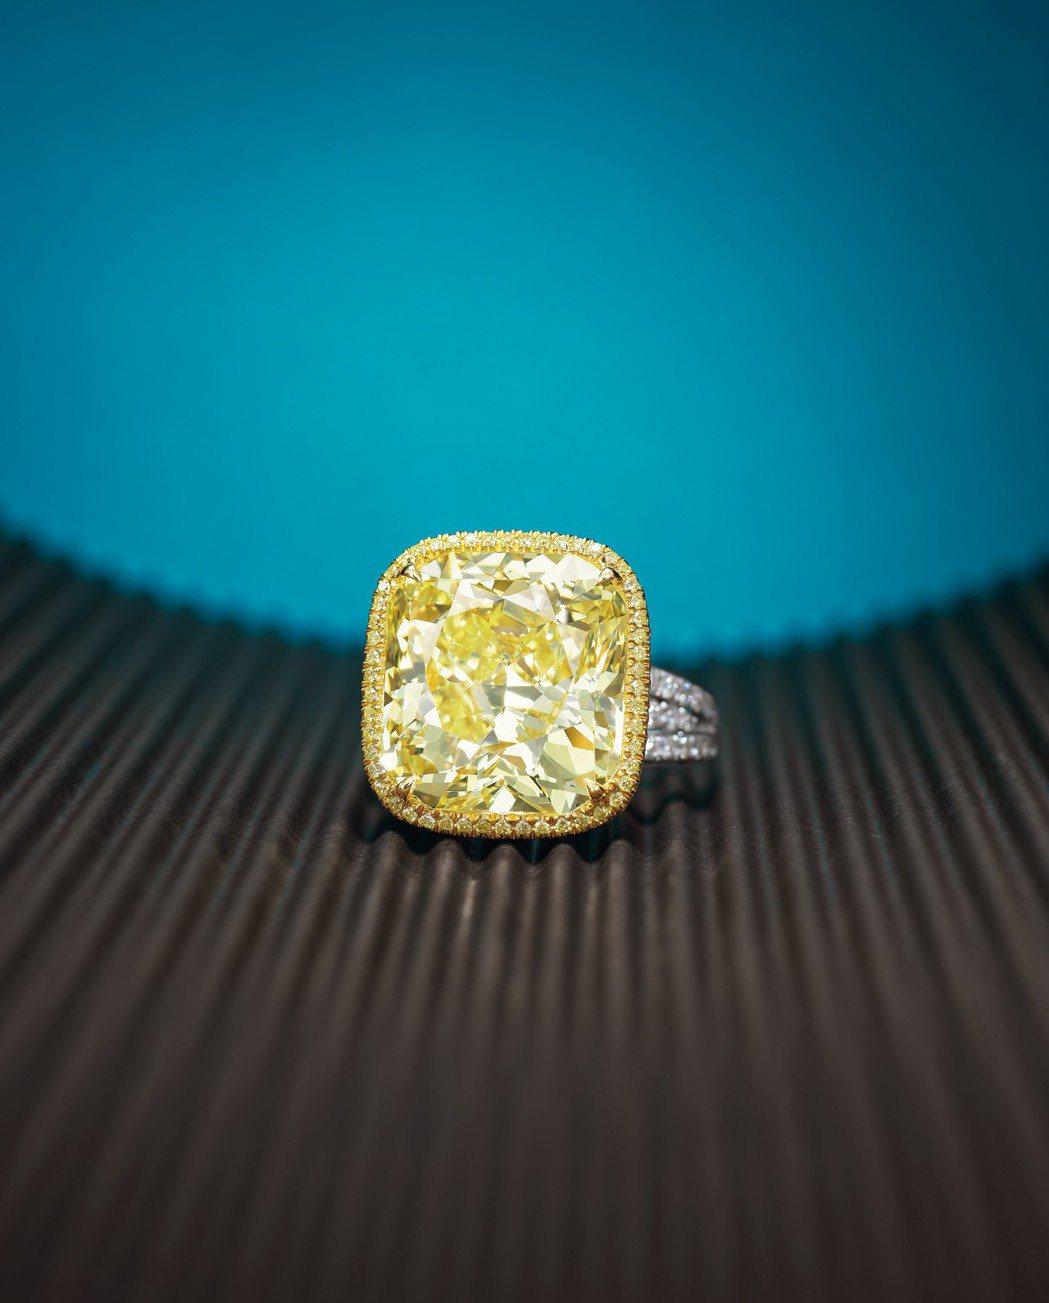 13.03克拉天然濃彩黃色鑽石配黃色鑽石及鑽石戒指,售價待詢。